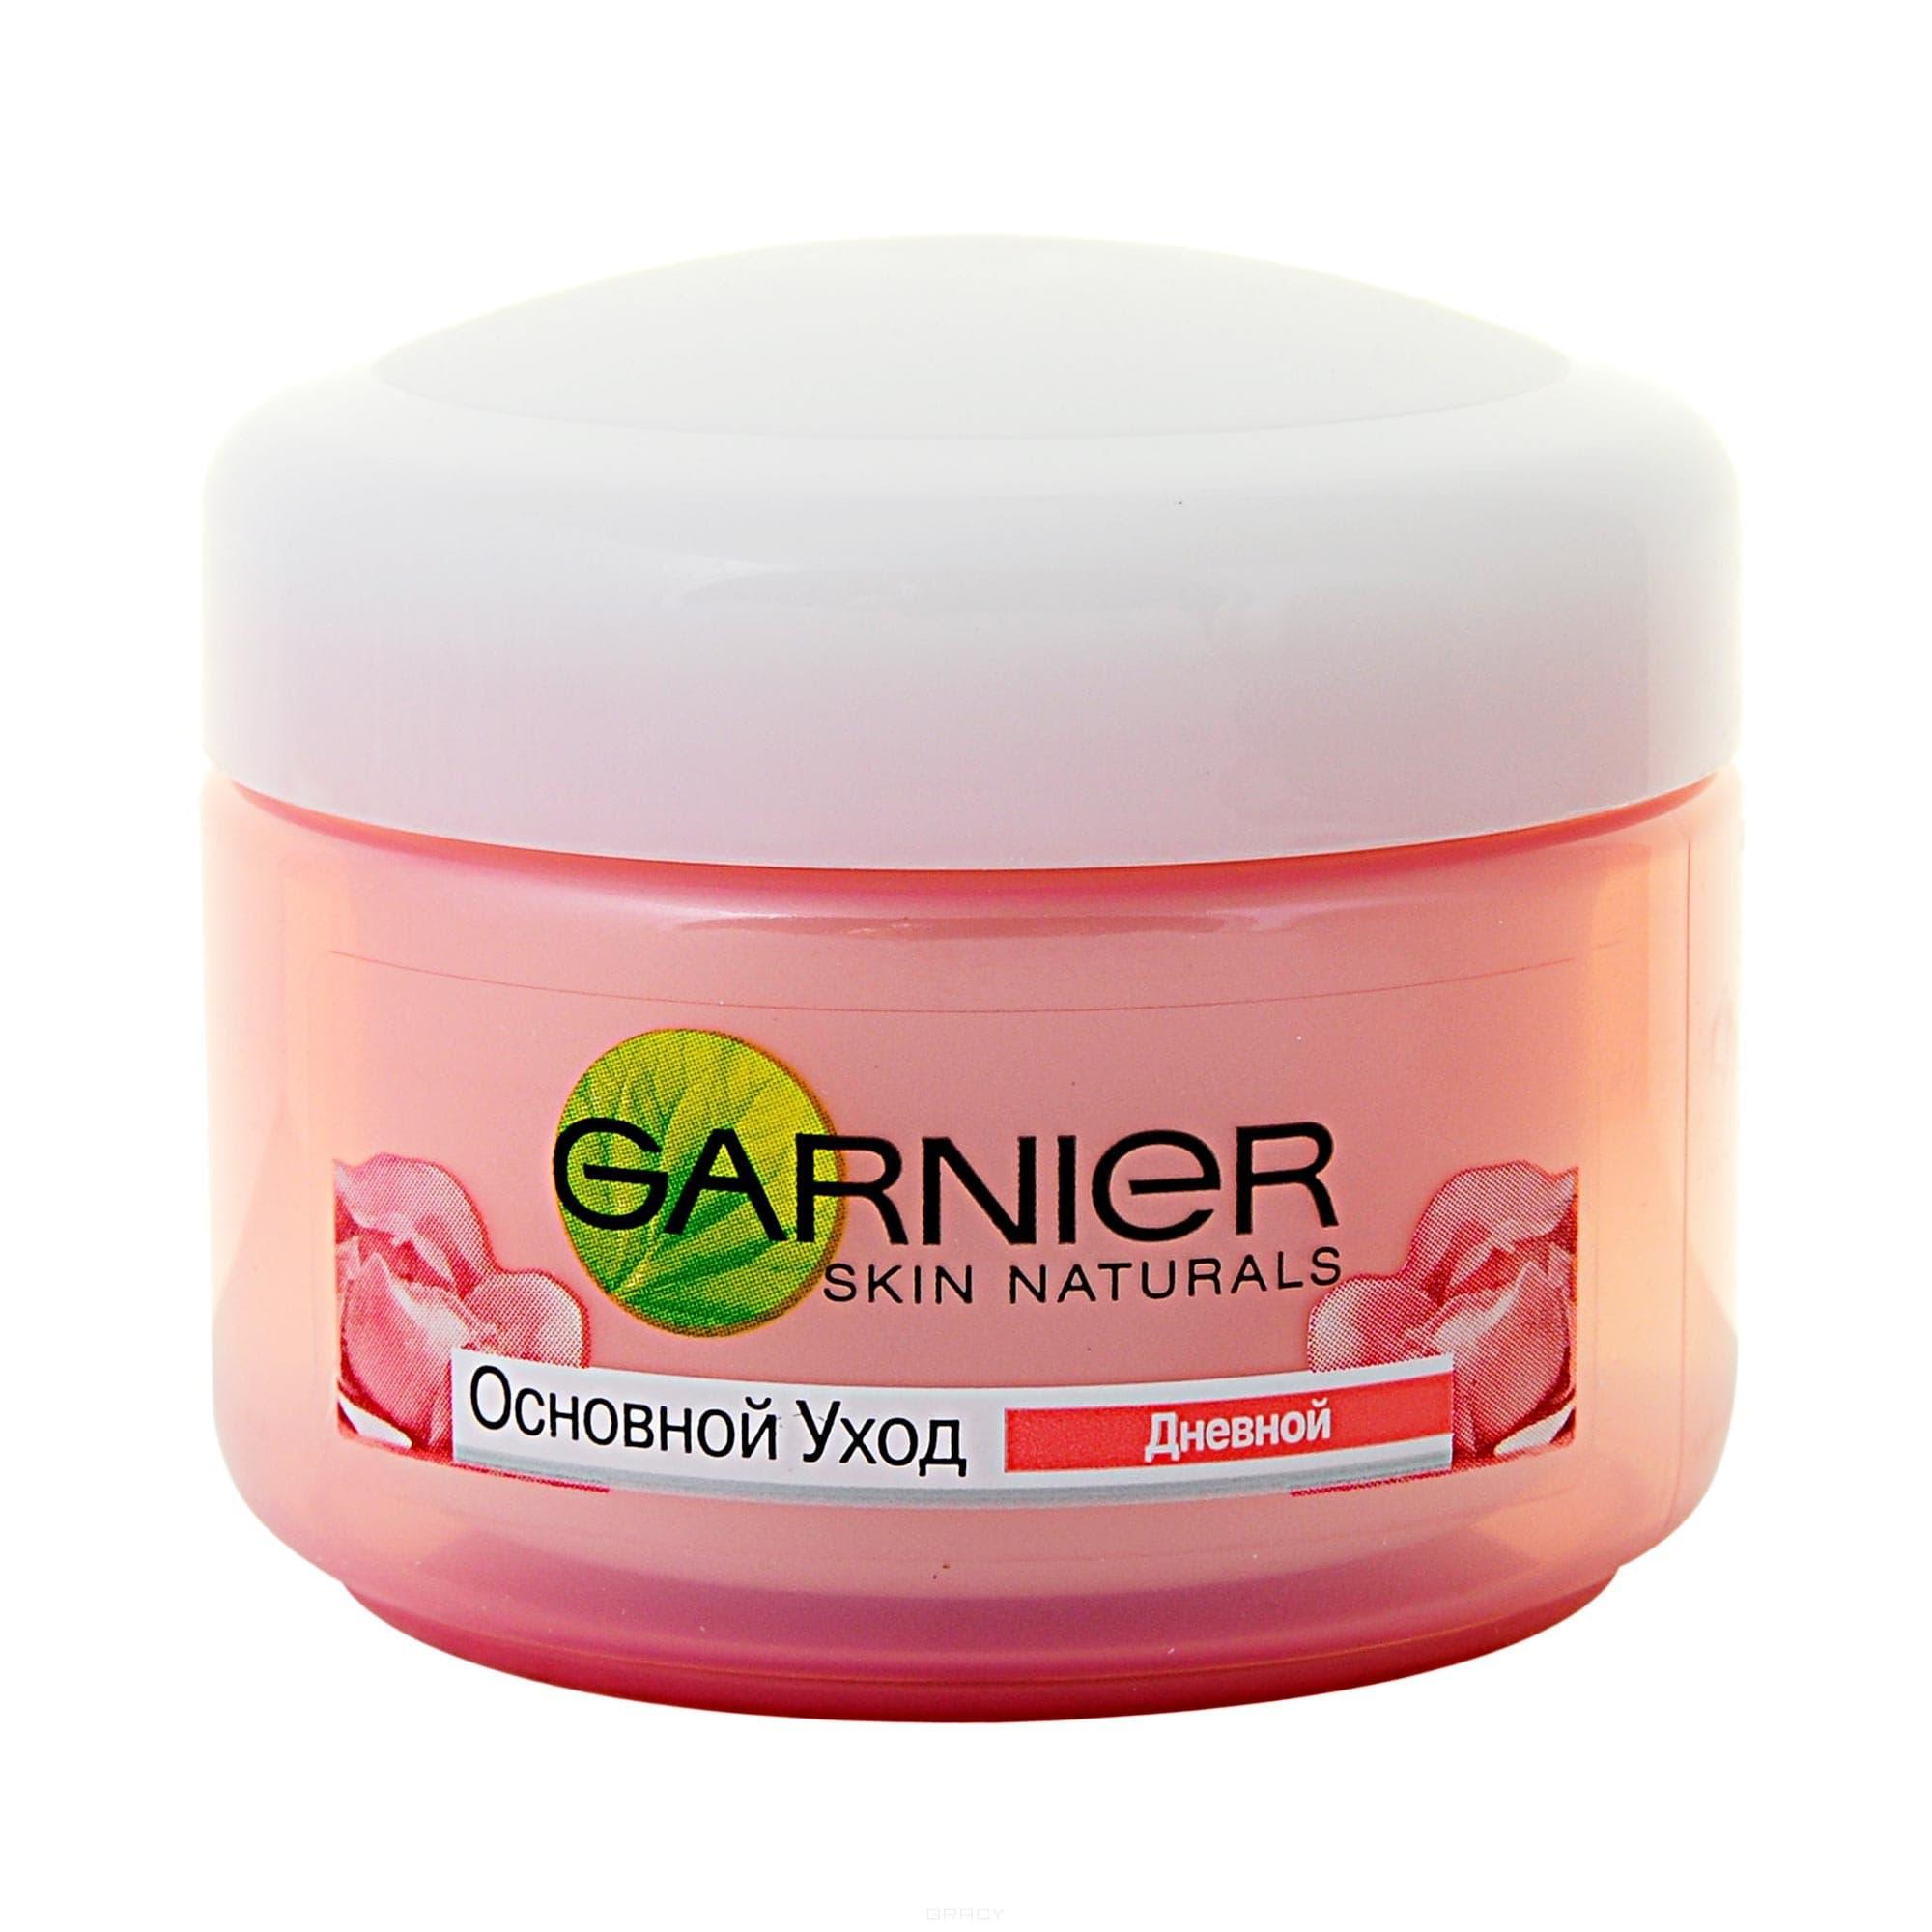 Garnier Крем увлажнение для сухой и чувствительной кожи Skin Naturals Основной уход, 50 мл, Крем увлажнение для сухой и чувствительной кожи Основной уход, 50 мл, 50 мл